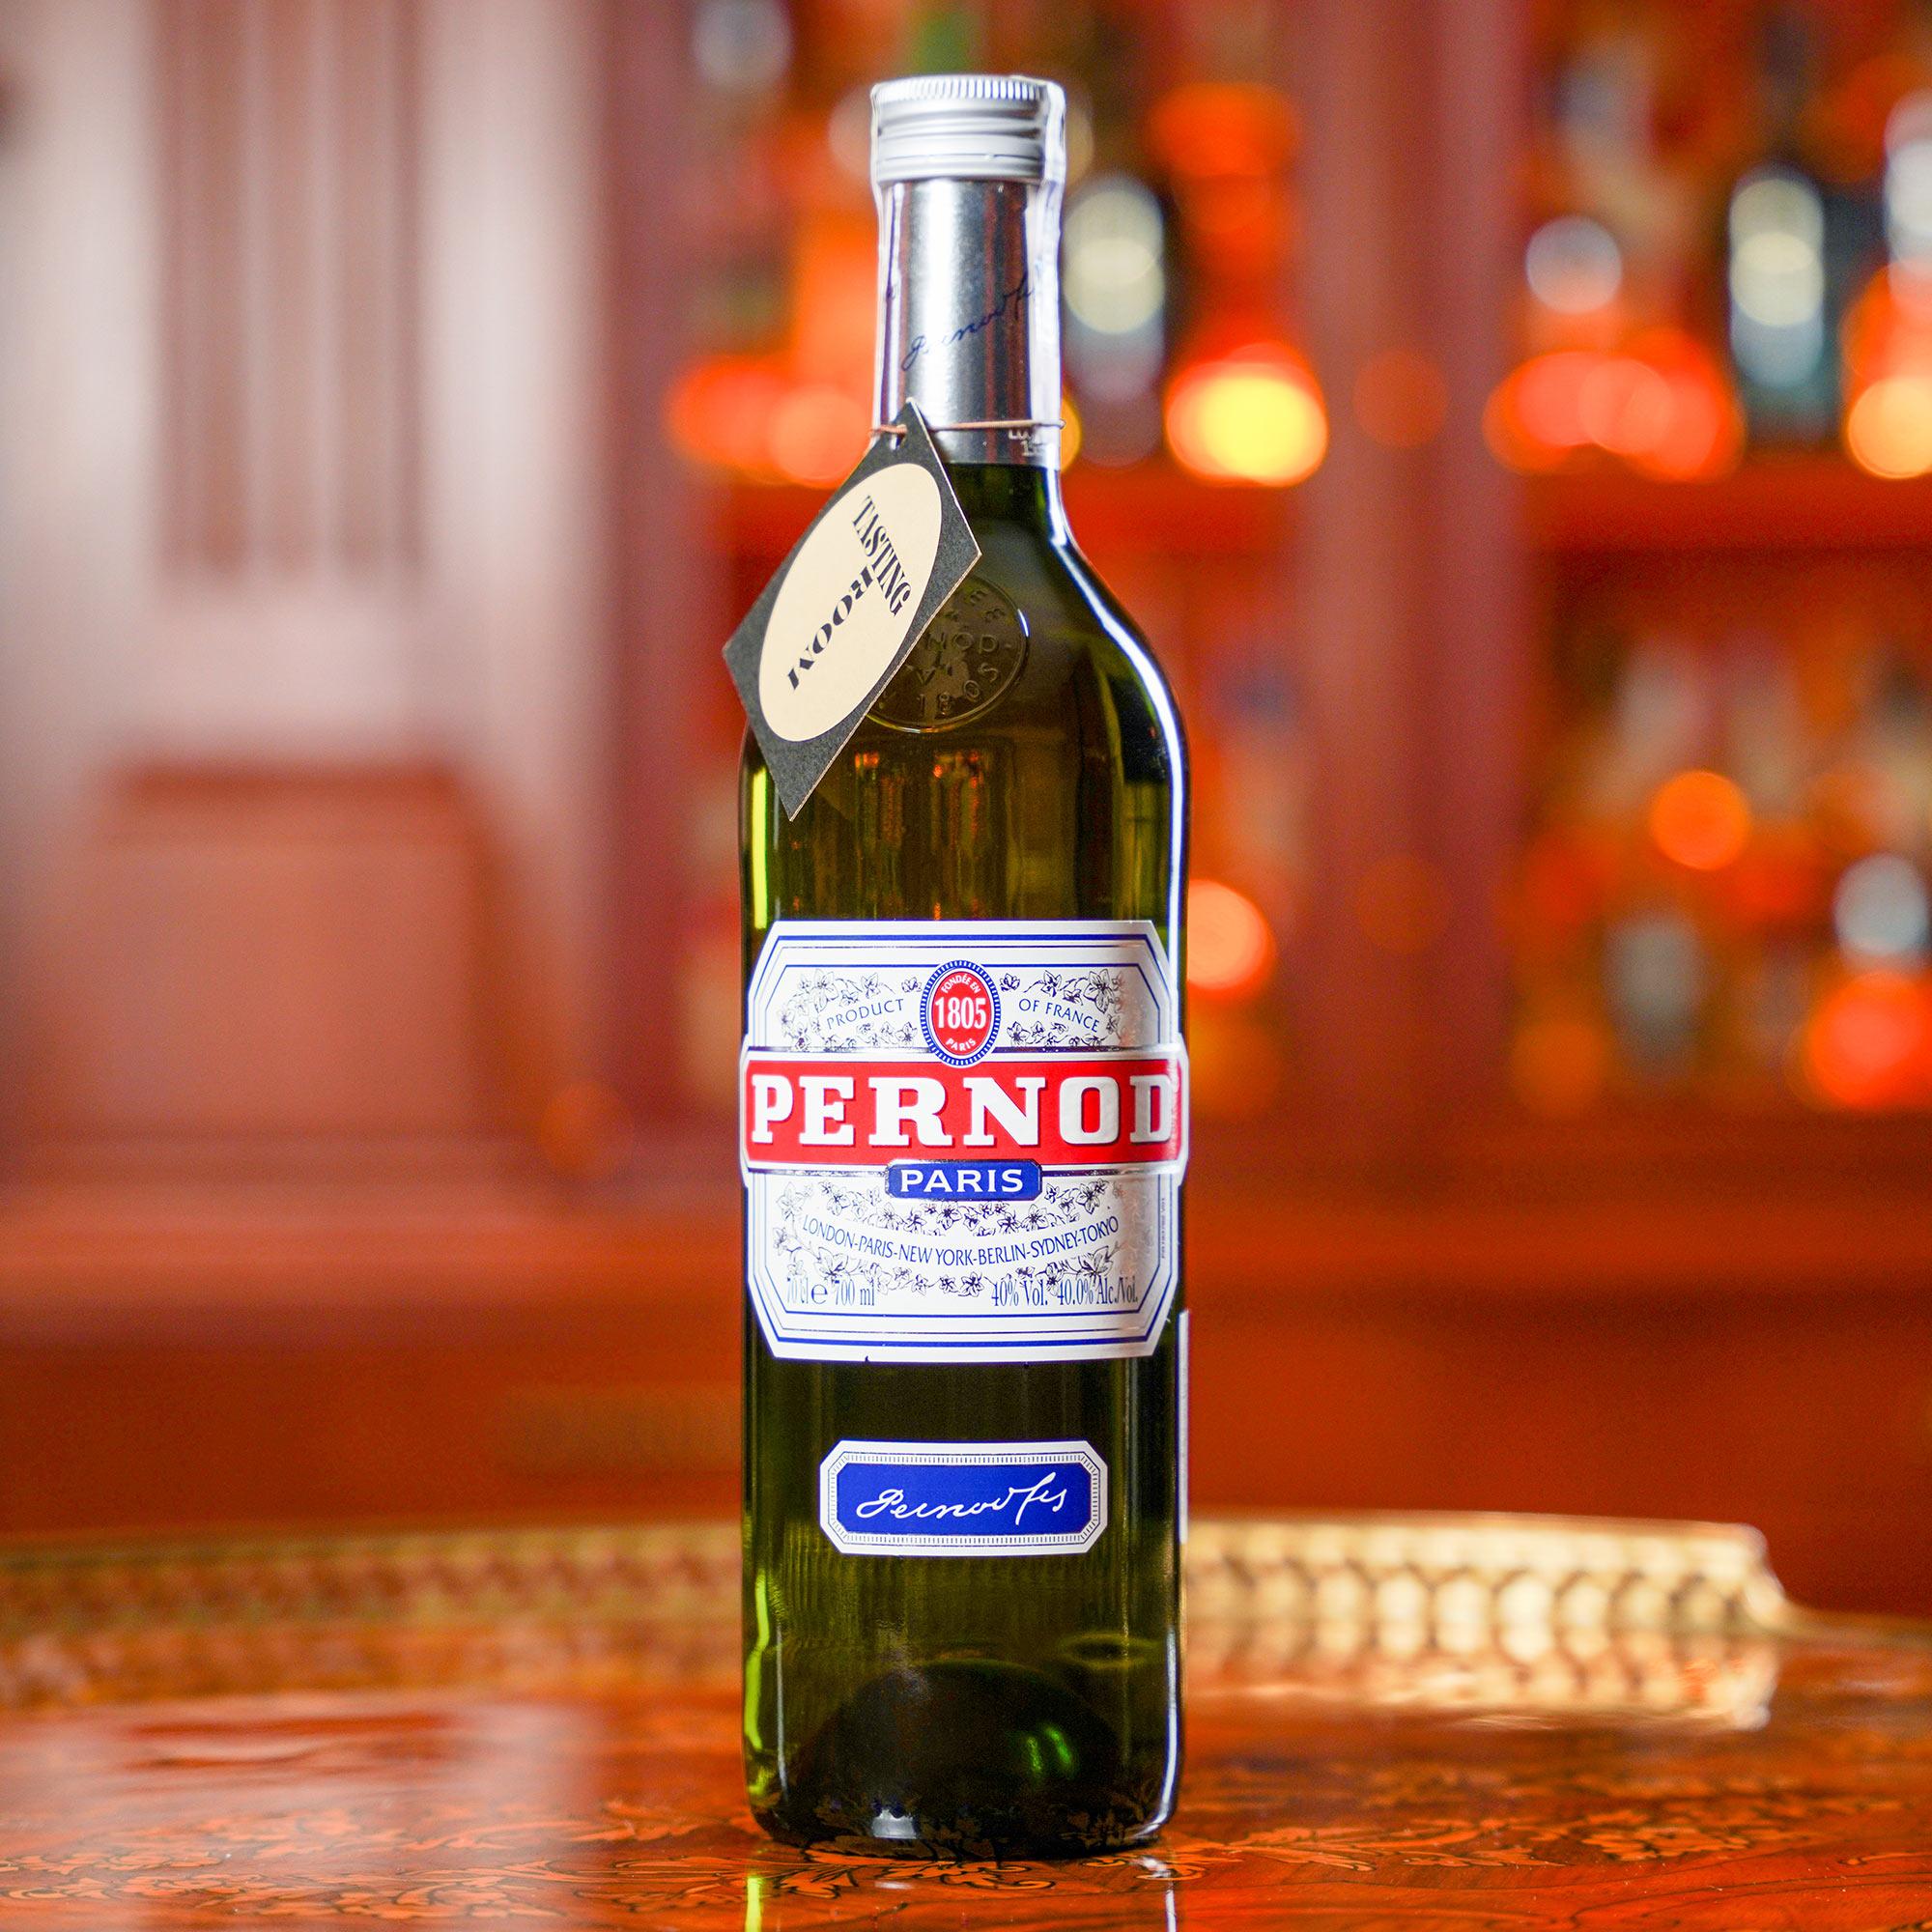 Pernod /Перно